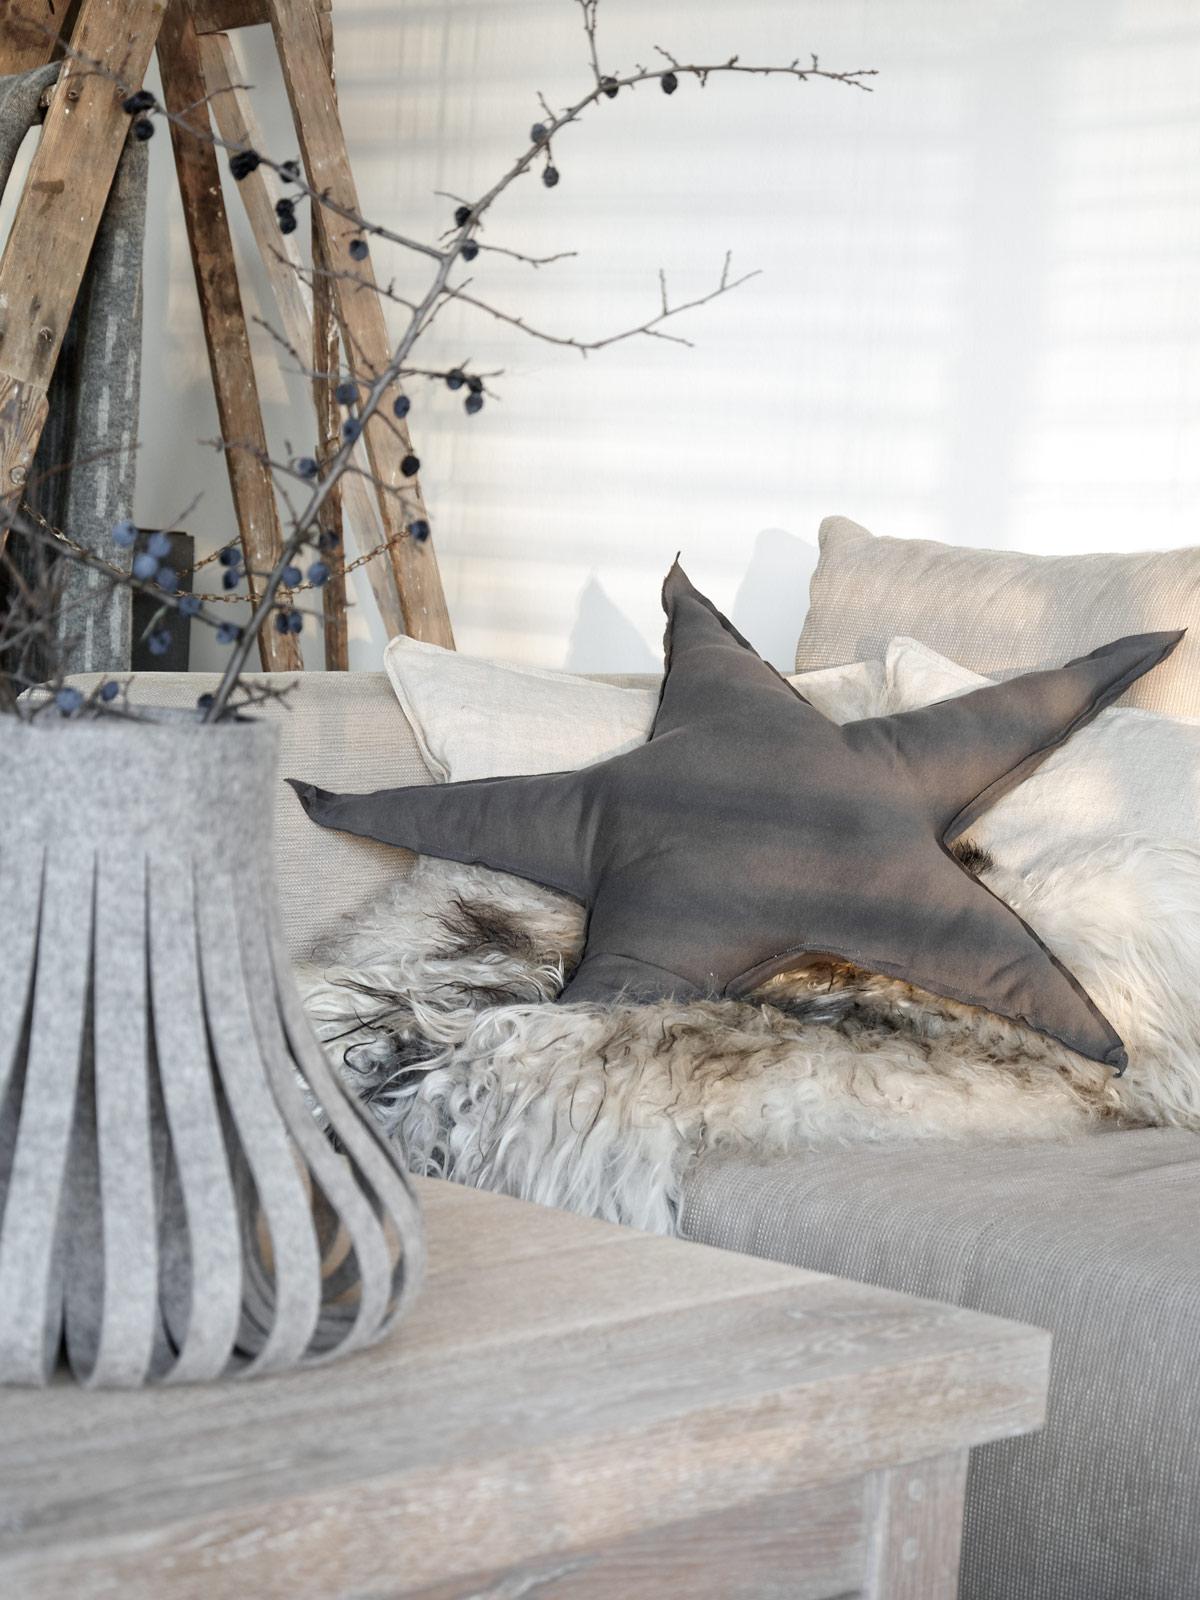 sternkissen-aus-jersey-auf-der-couch